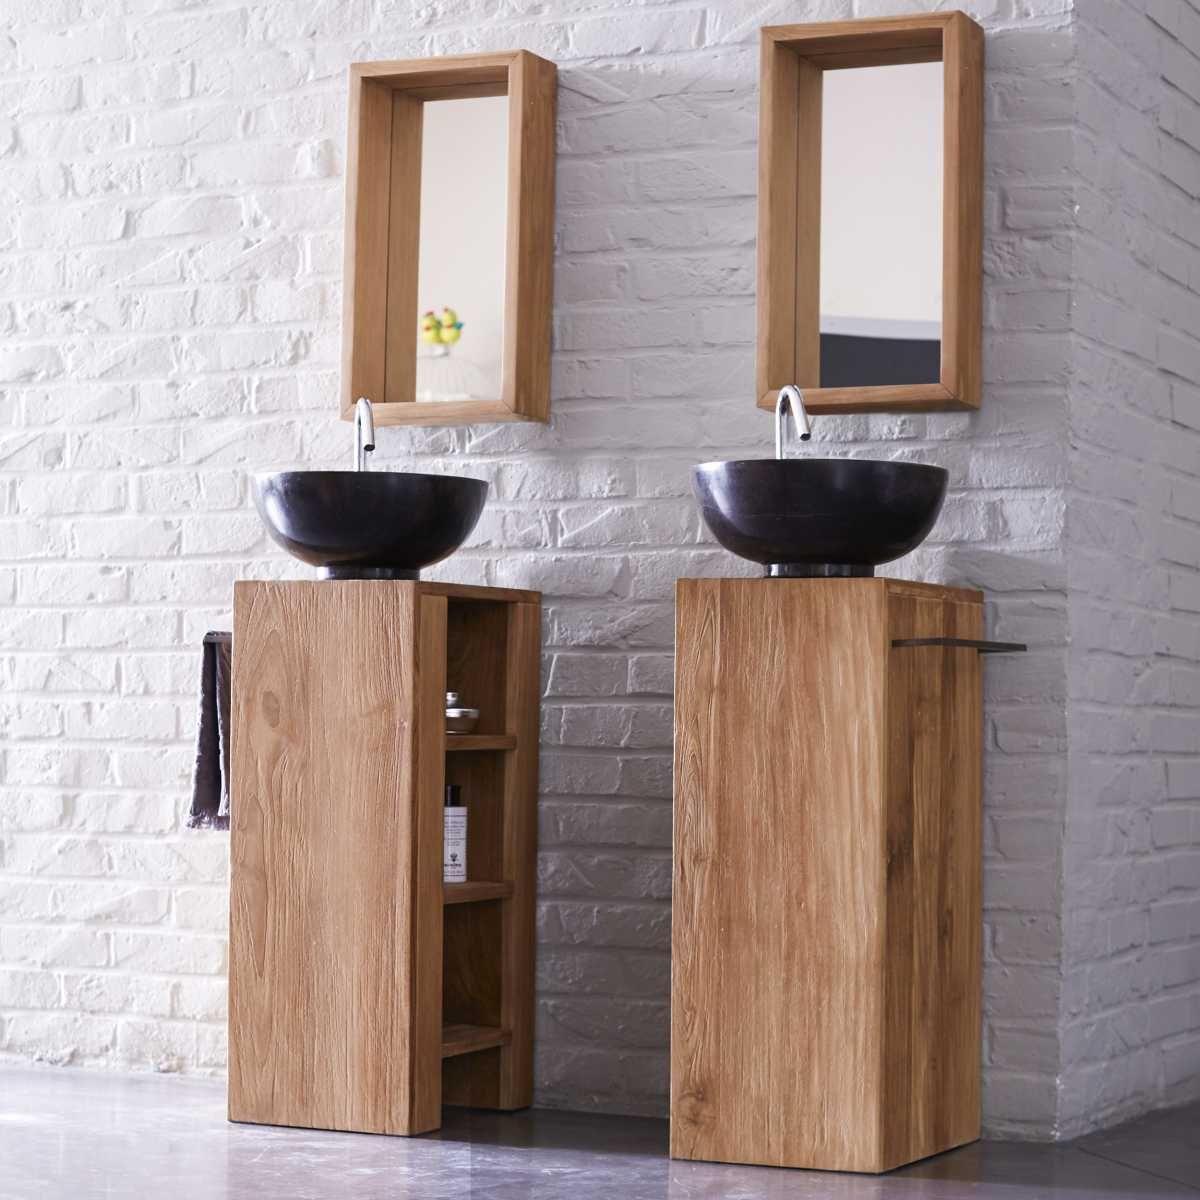 waschtisch aus teak 30 stelle rechts bad in 2019 badezimmer waschtisch teak und. Black Bedroom Furniture Sets. Home Design Ideas